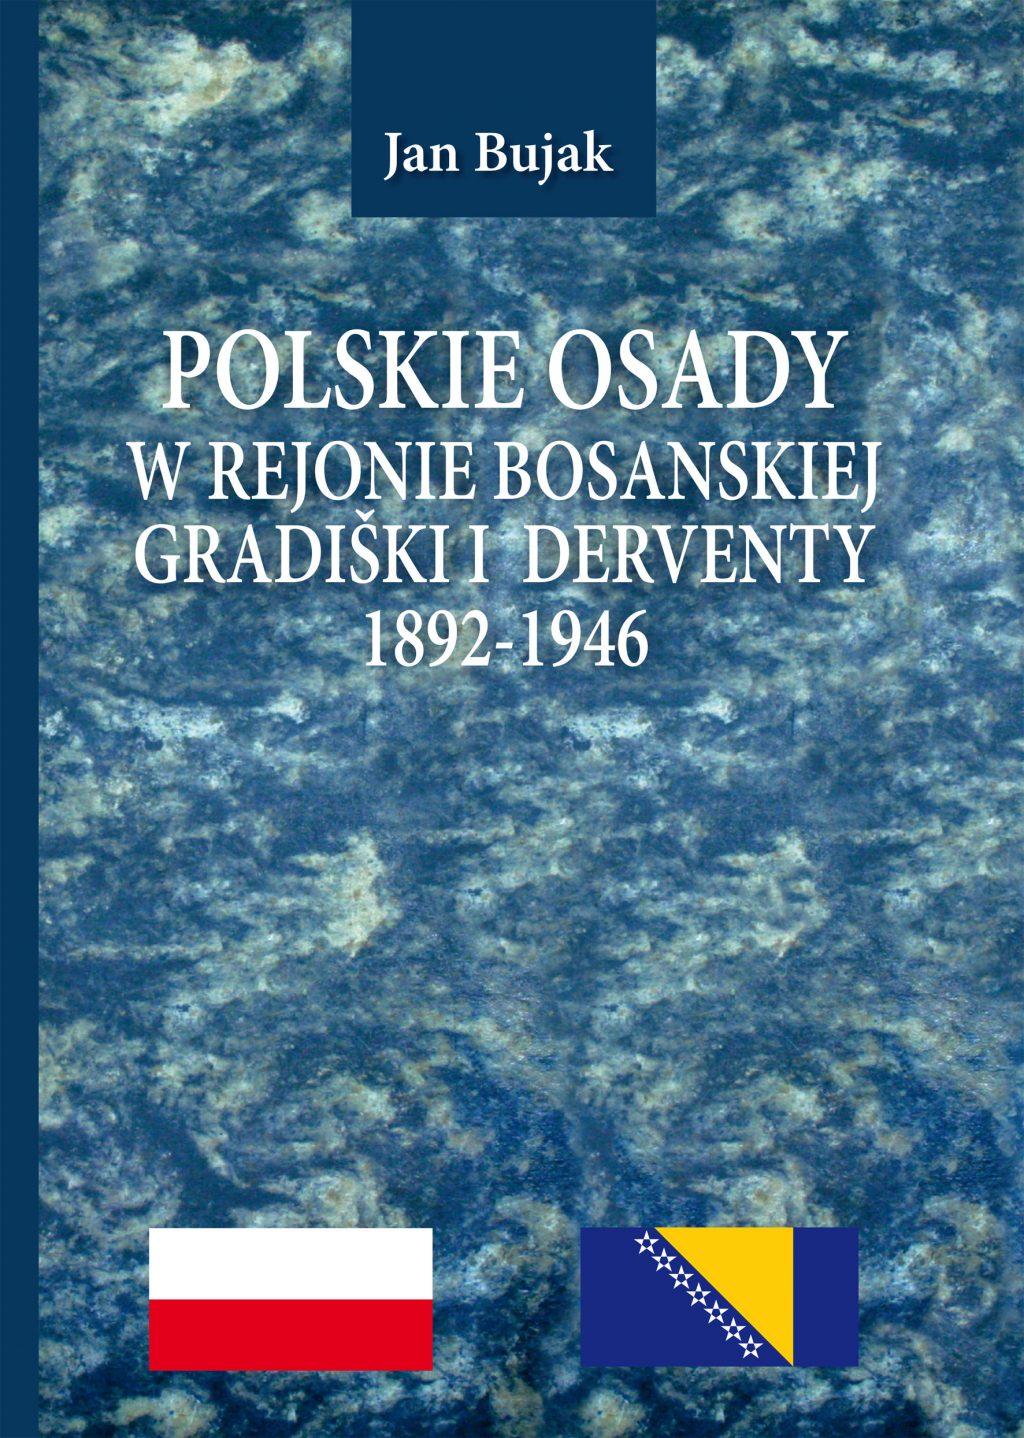 Polskie osady w rejonie bosanskiej Gradiški i Derventy 1892-1946